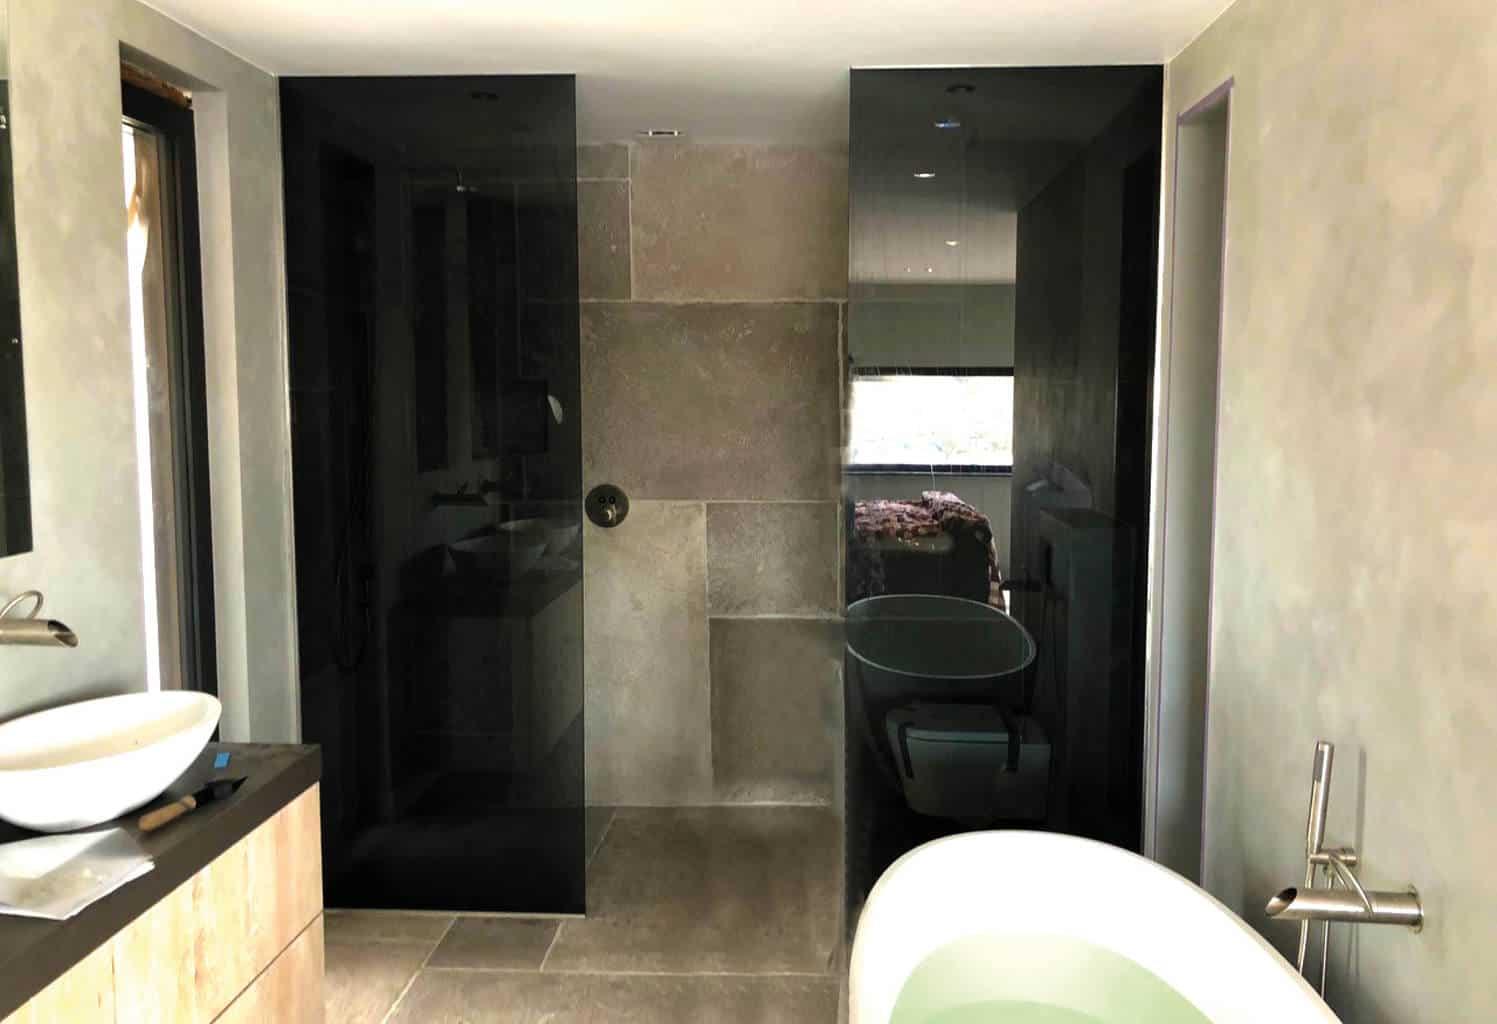 Glazen Wand Douche : Glazen wand op maat badkamer glazen douchewand online bestellen